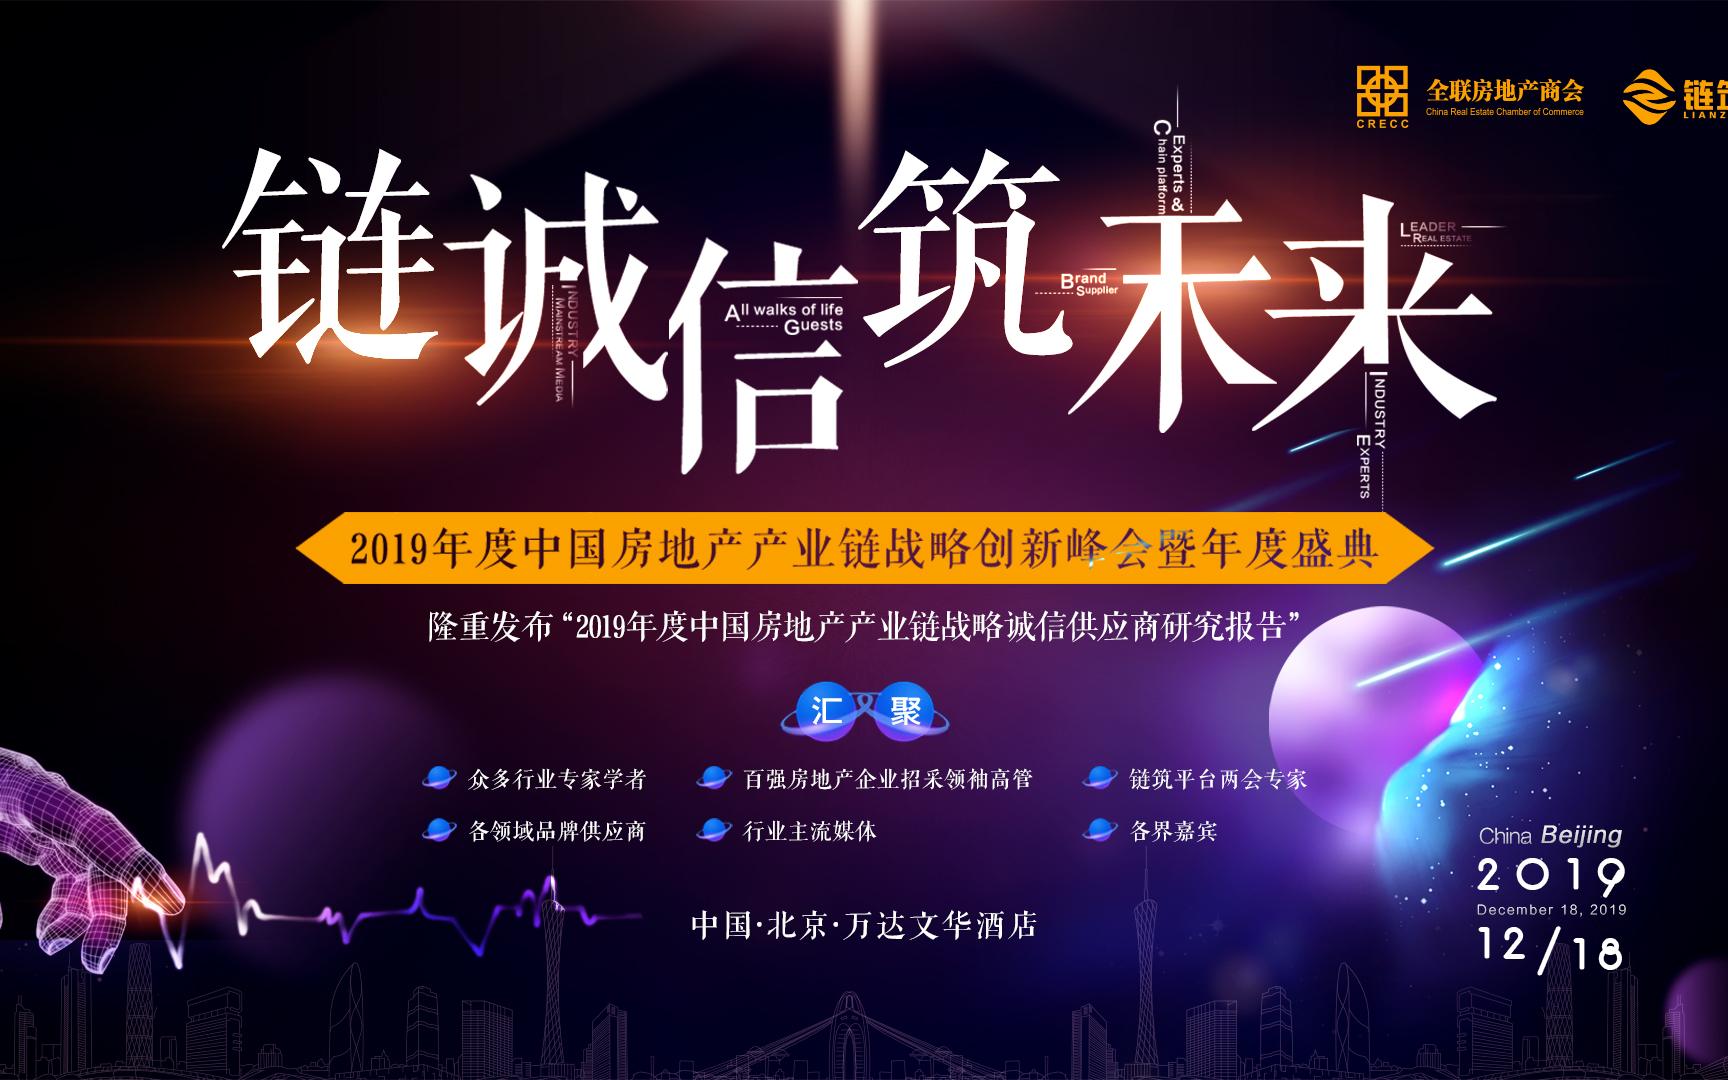 2019年度中國房地產產業鏈戰略創新峰會暨年度盛典(北京)